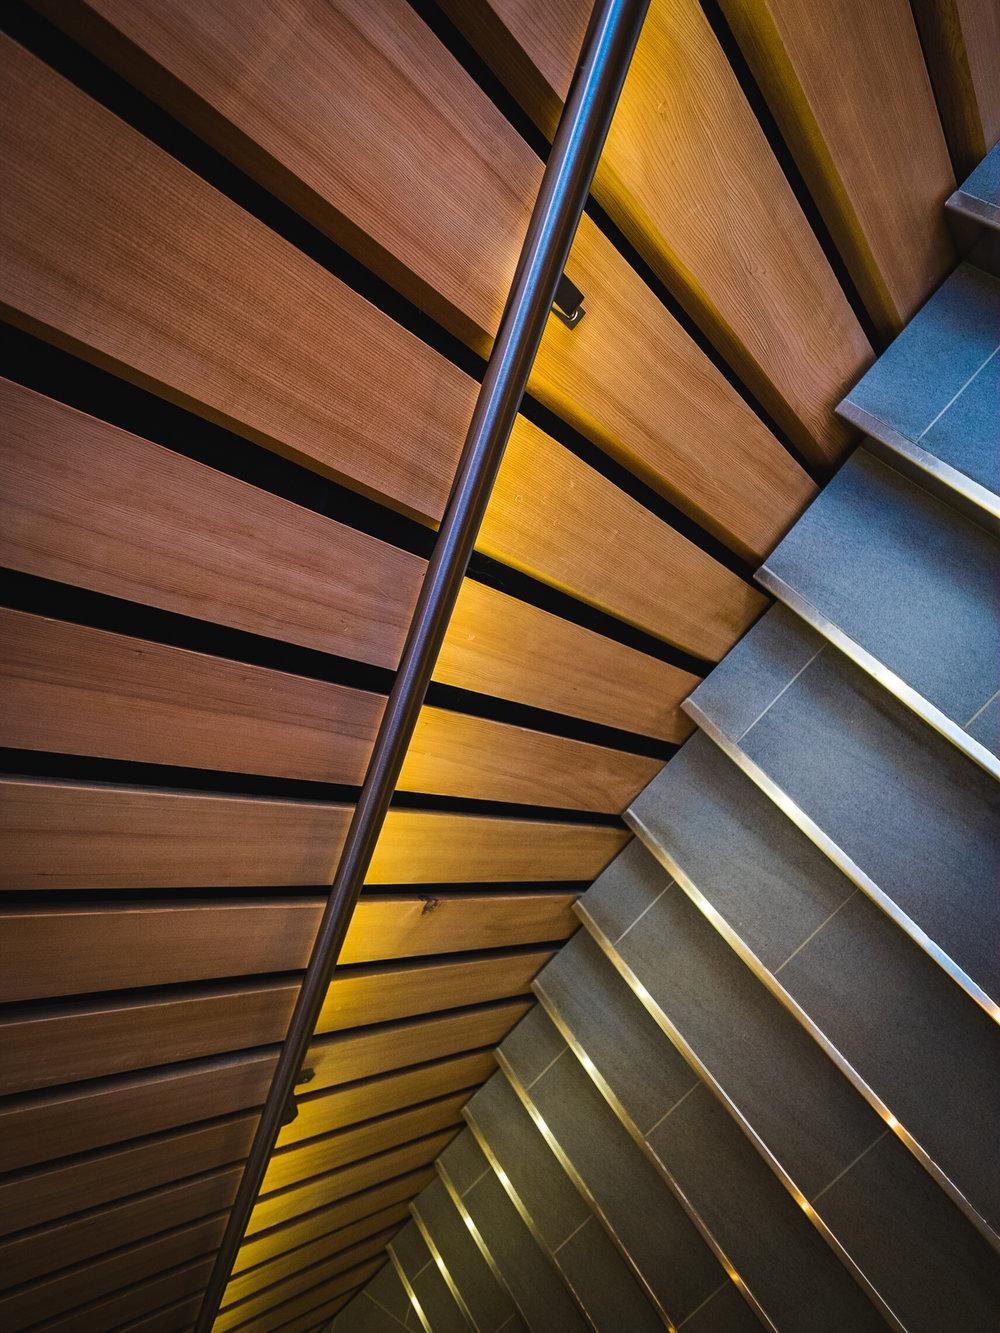 audain-art-museum-stairs